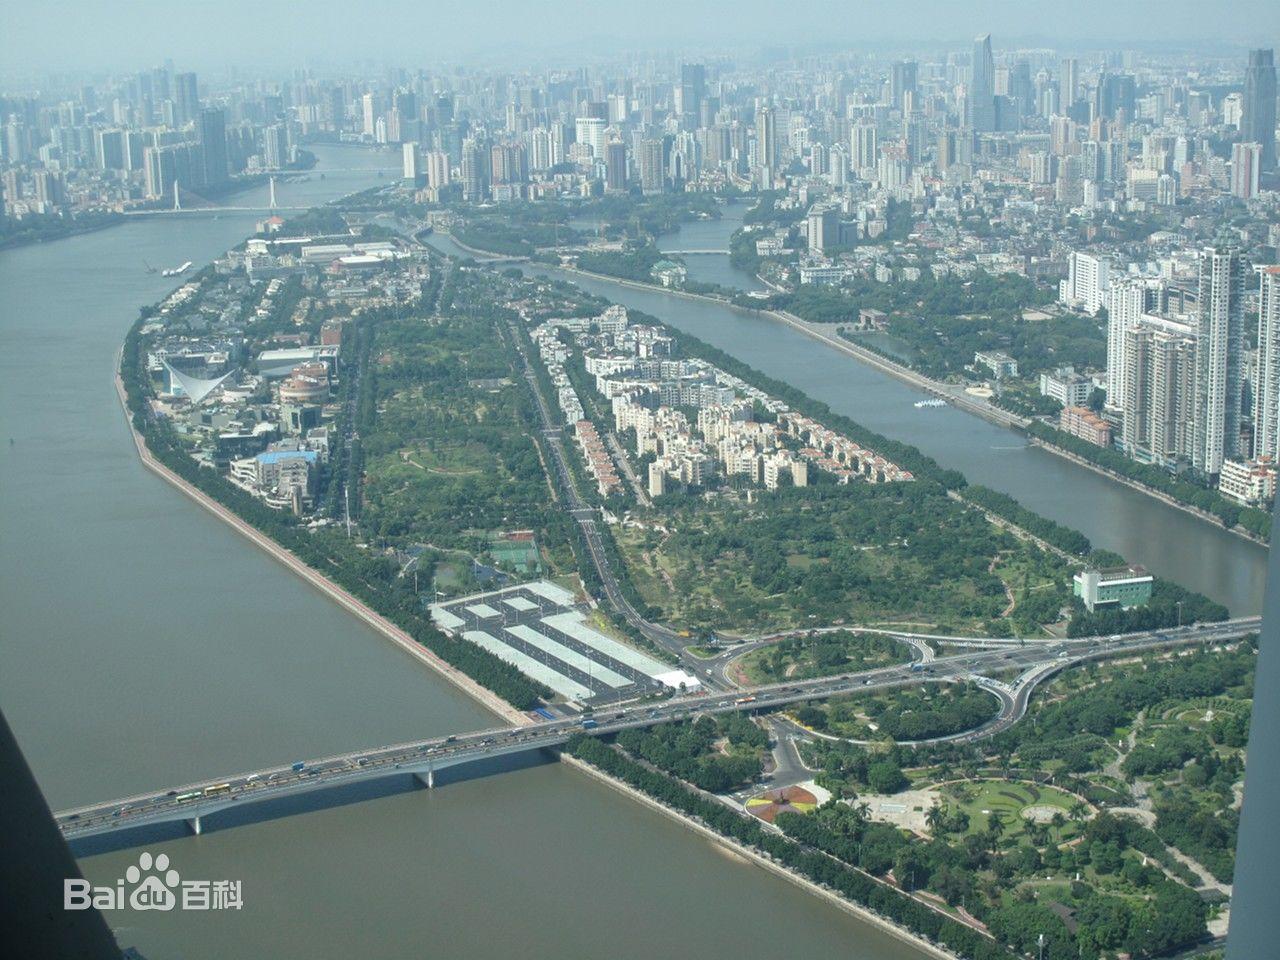 位于广州二沙岛烟雨路的广东美术馆,西衔星海音乐厅,北接绿草茵茵,南